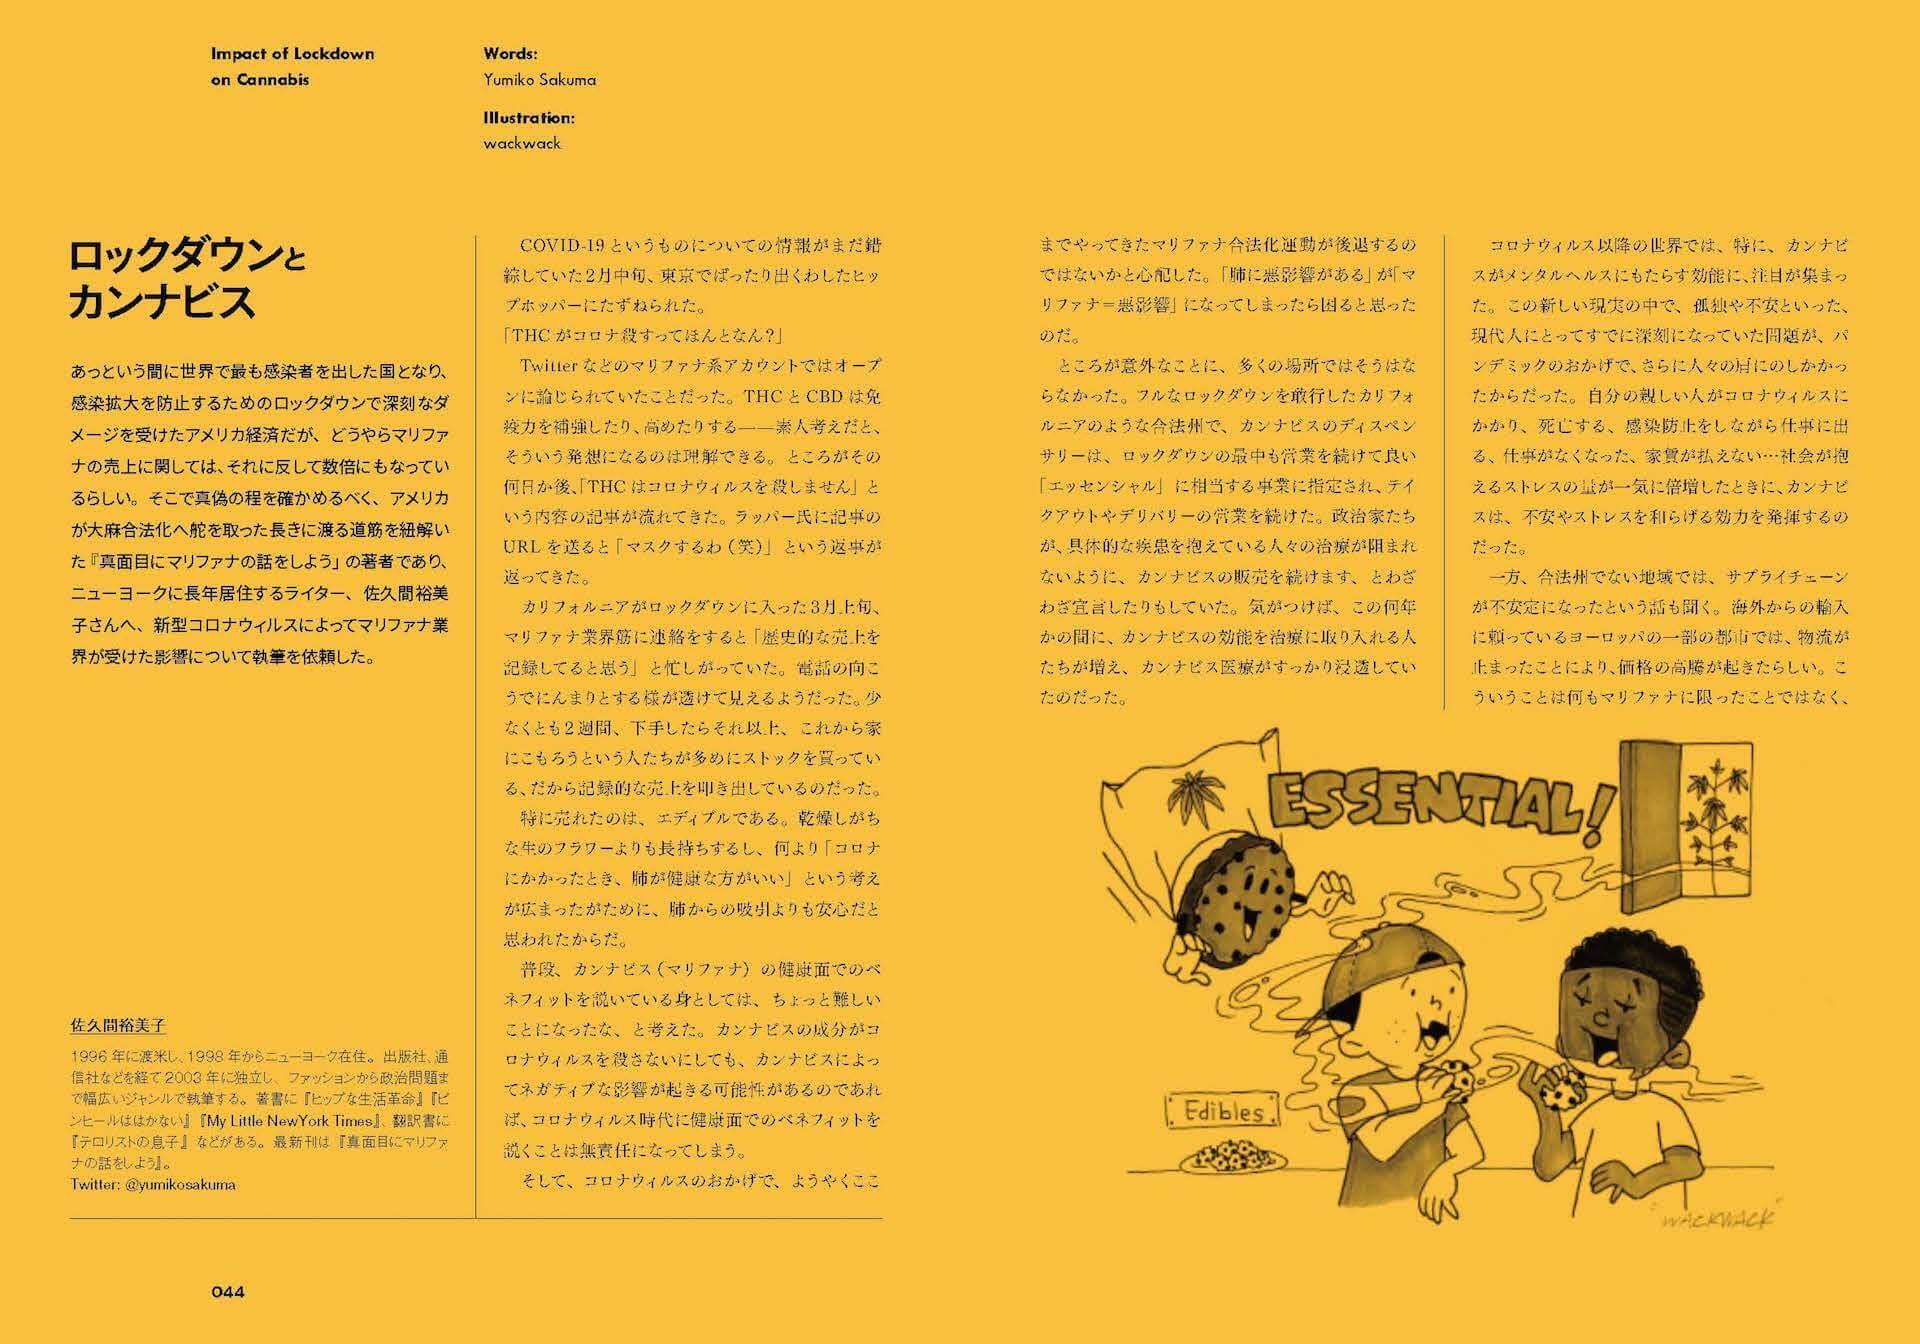 ストリートカルチャーマガジン『DAWN』の特別号が発売決定|tofubeats、マヒトゥ・ザ・ピーポー、Mars89、釈迦坊主らのコロナ禍中を記録 art200814_dawn_5